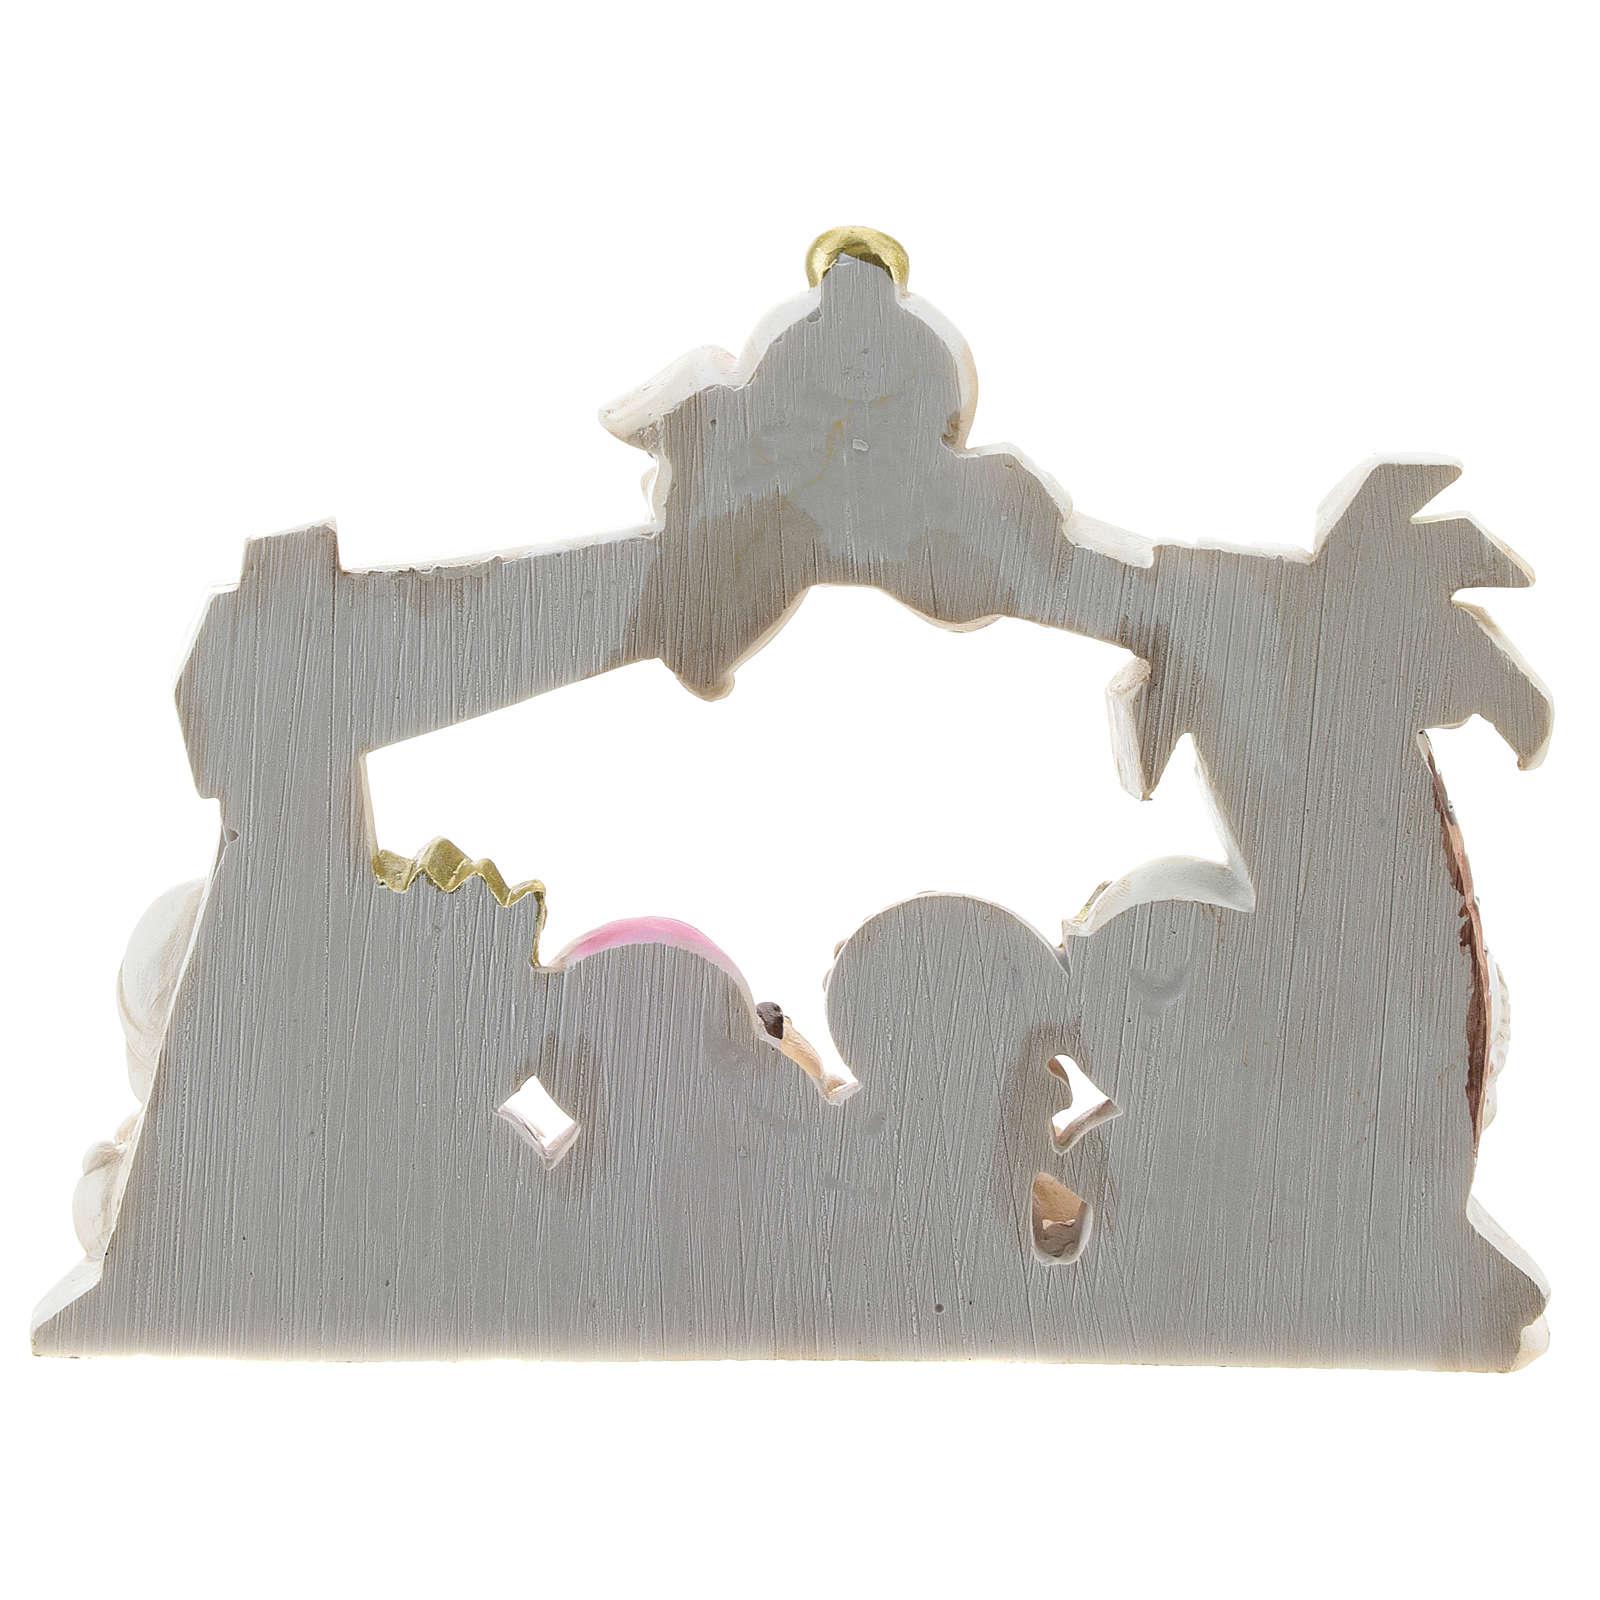 Belén resina cabaña 10 personajes 16x12 cm línea niños 4